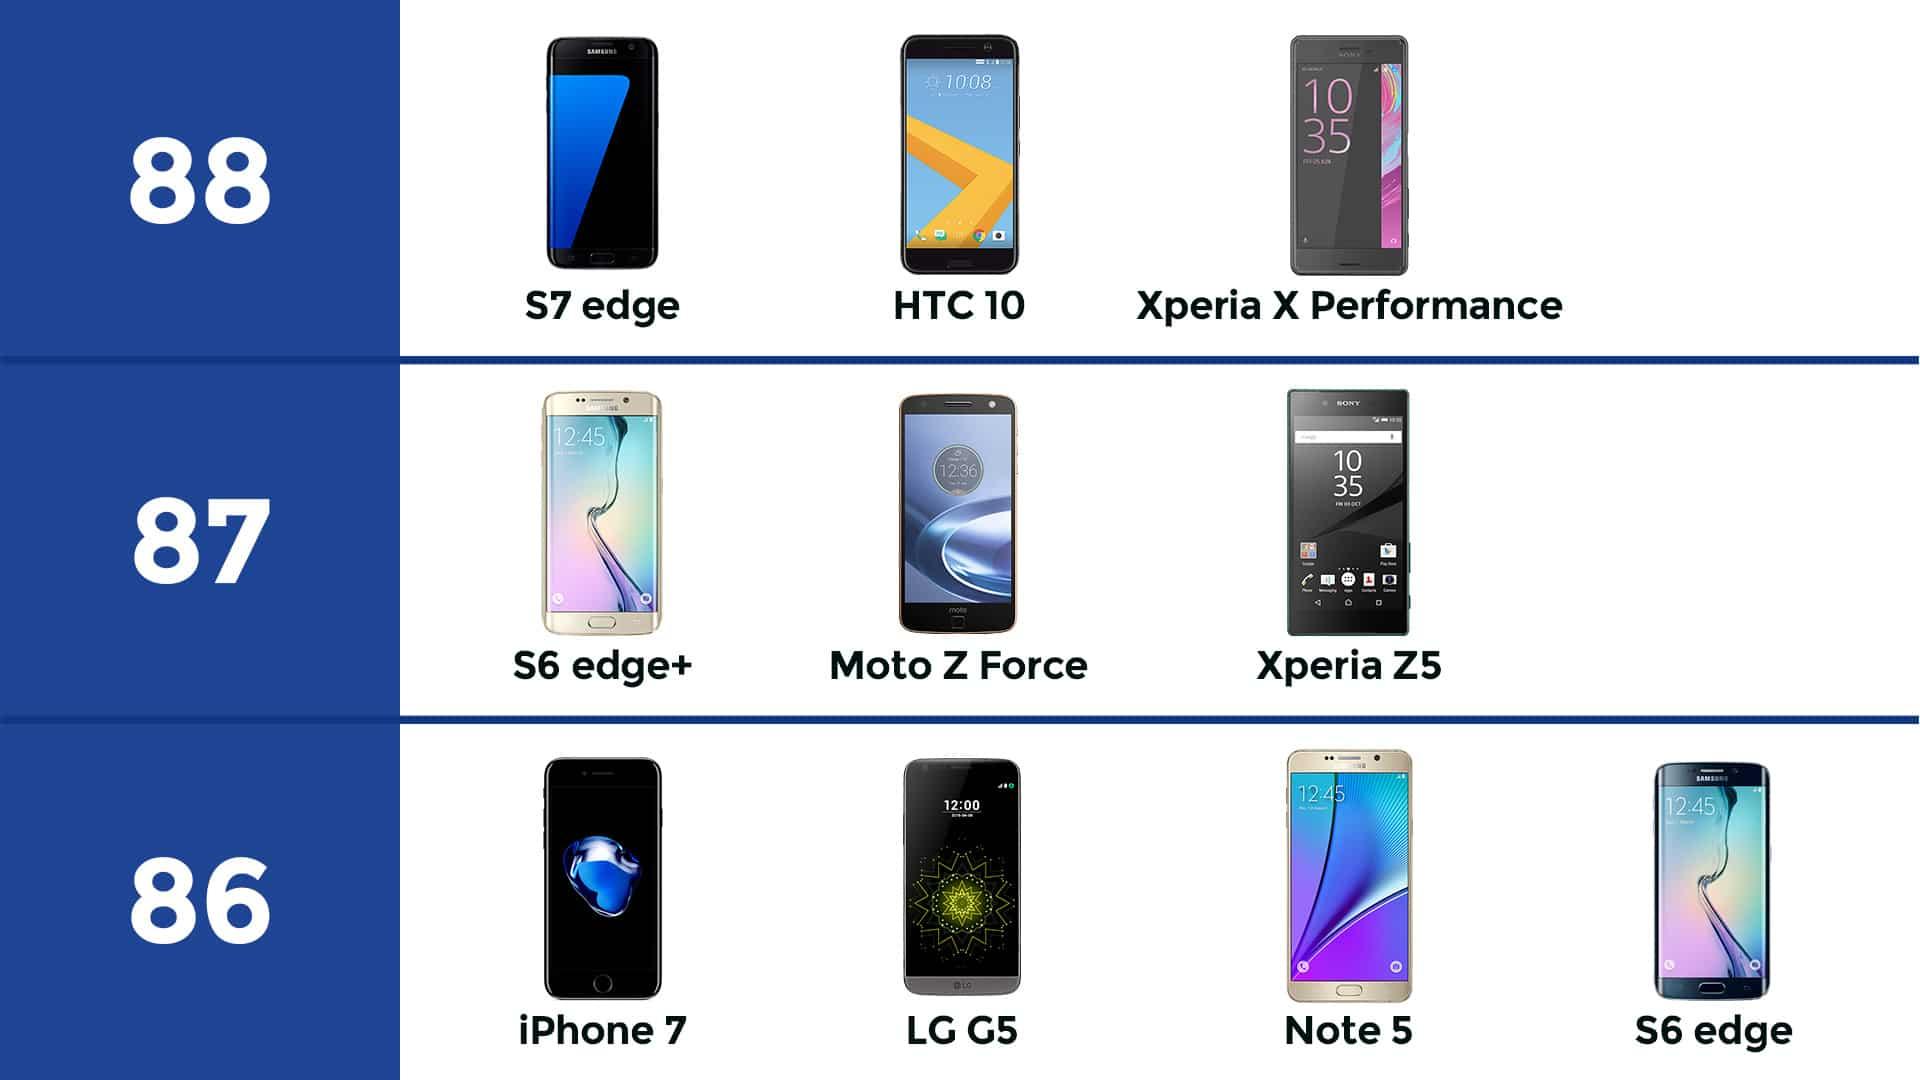 dxomark iphone7 s7 edge